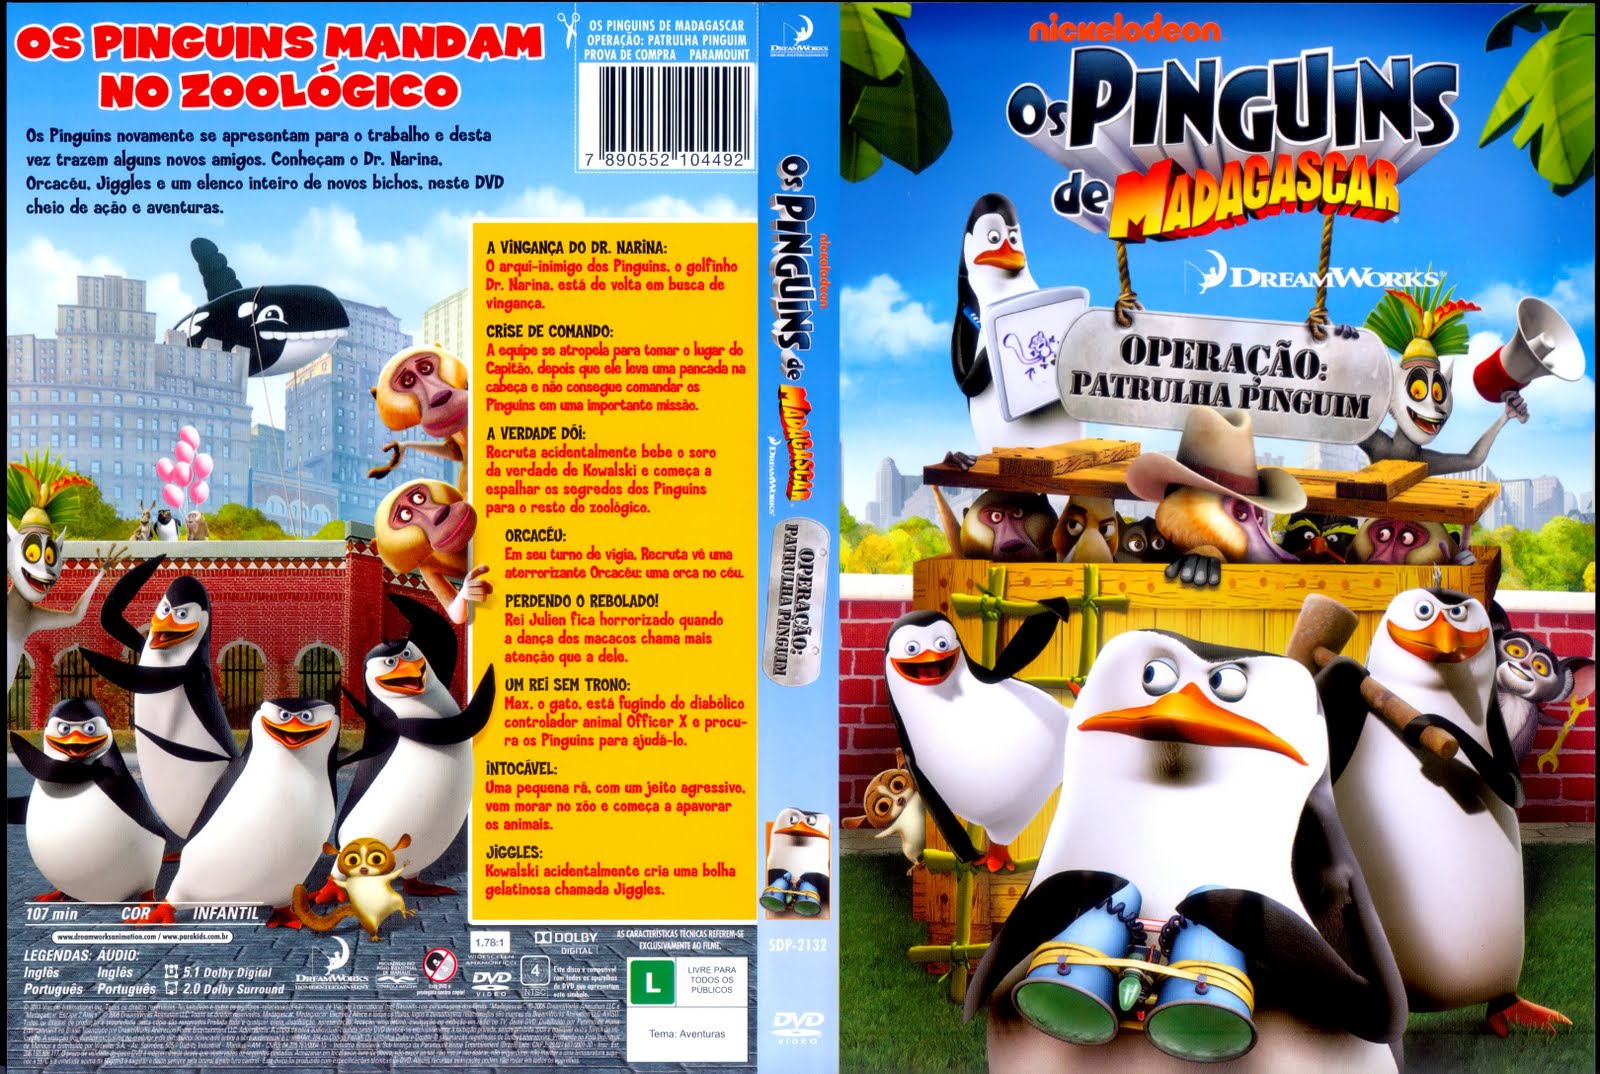 Os Pinguins De Madagascar - Operação Patrulha Pinguim